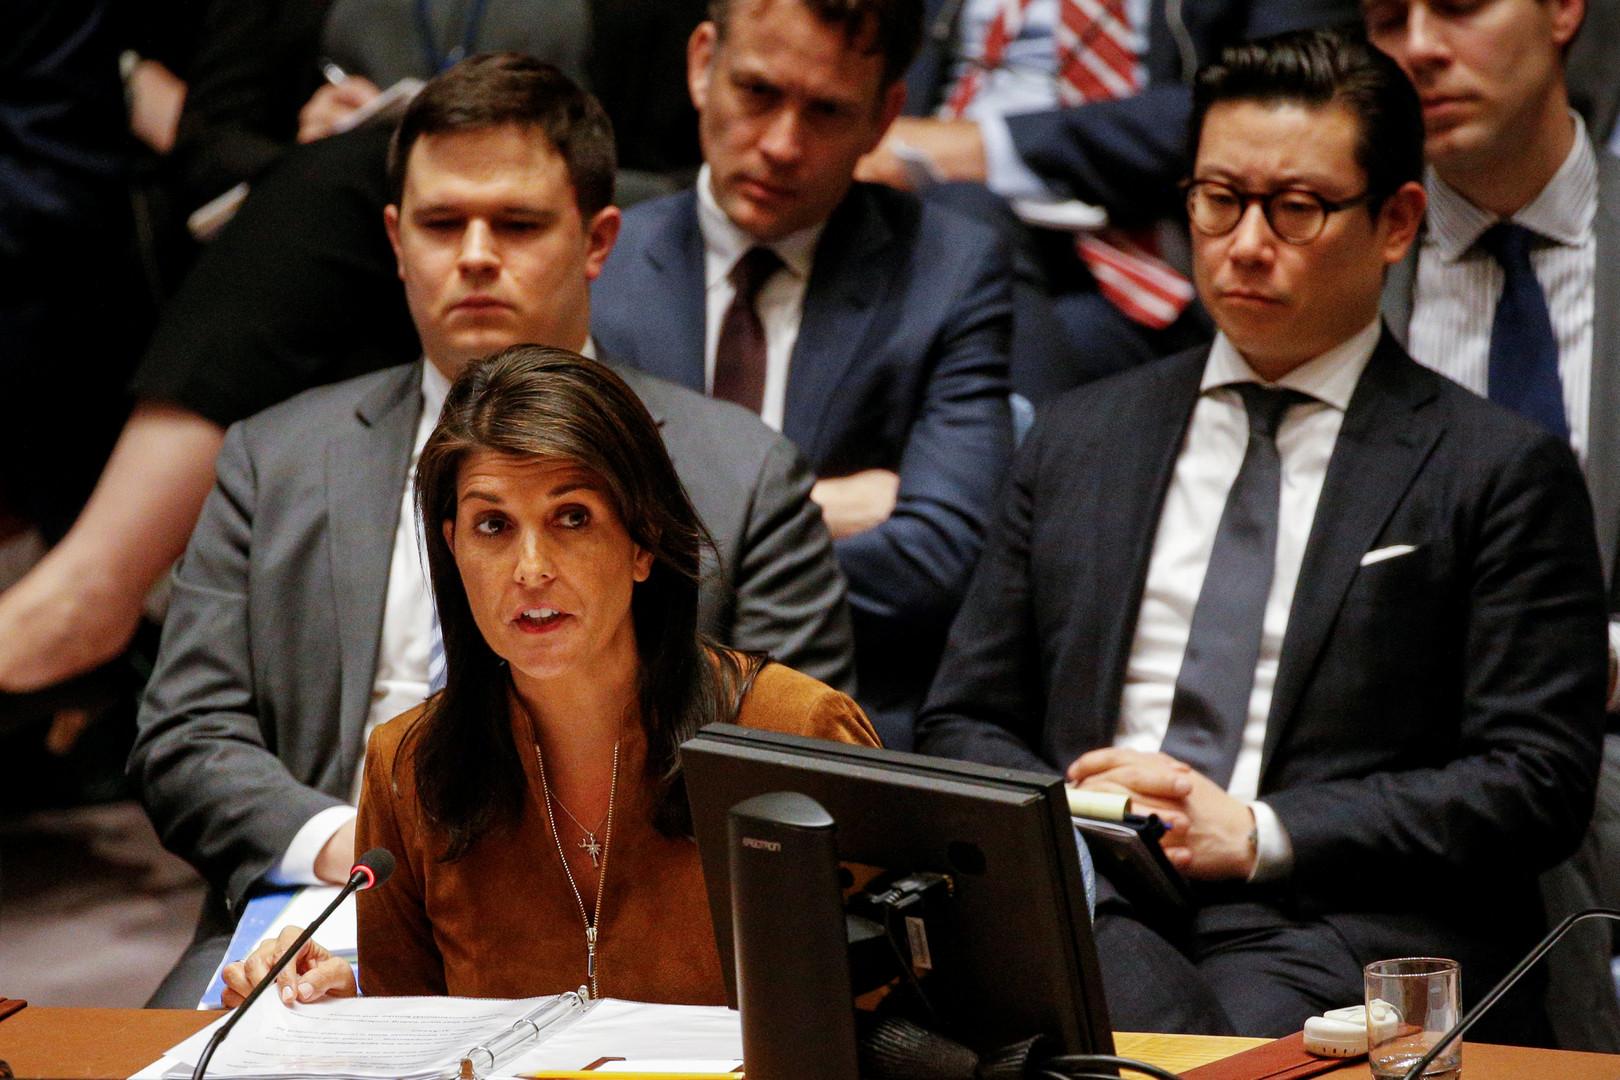 Последнее средство дипломатии: Небензя поцеловал Никки Хейли перед совещанием Совбеза ООН